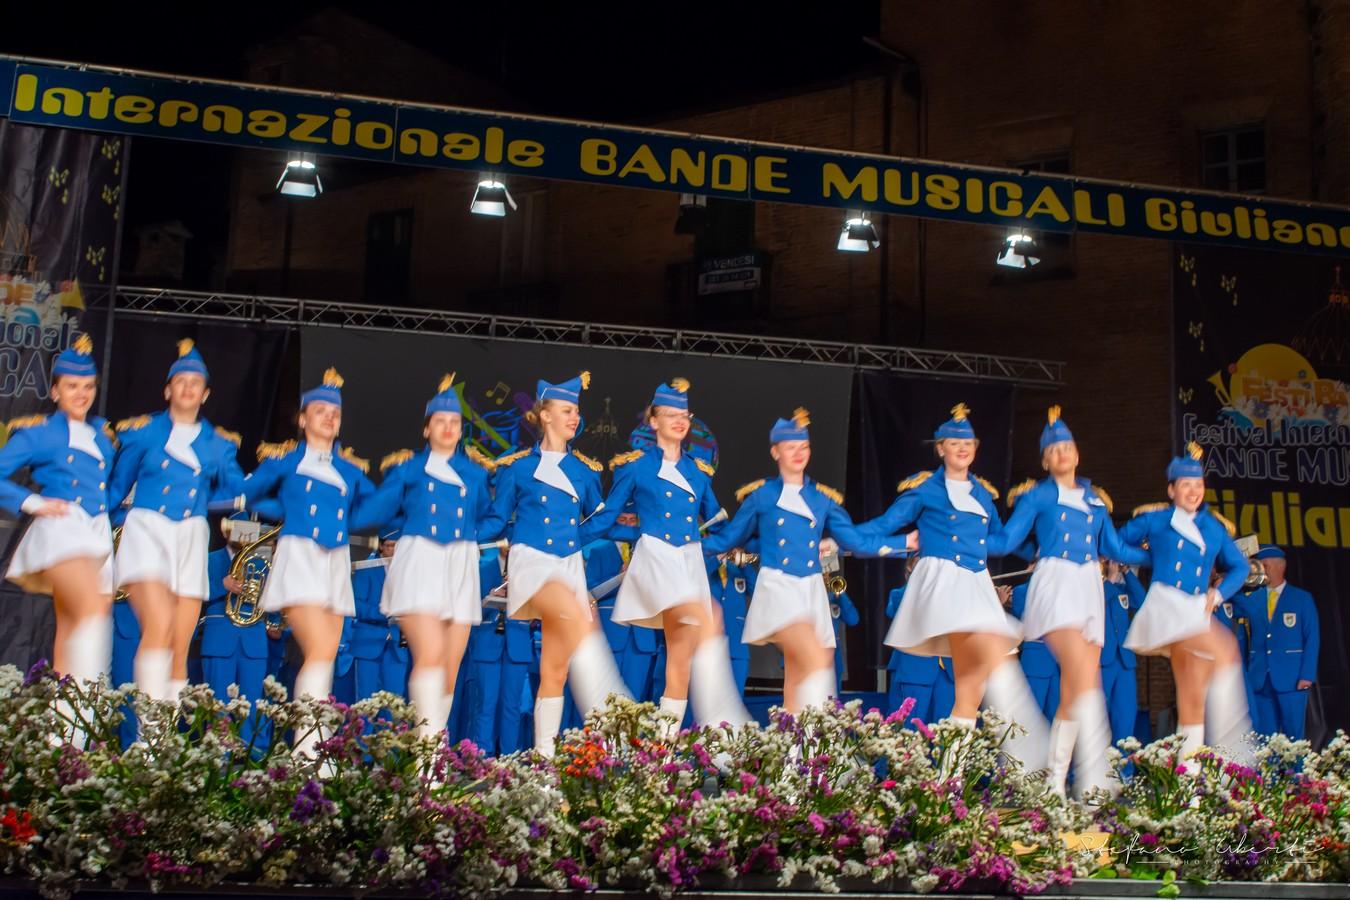 festival-bande-giulianova56